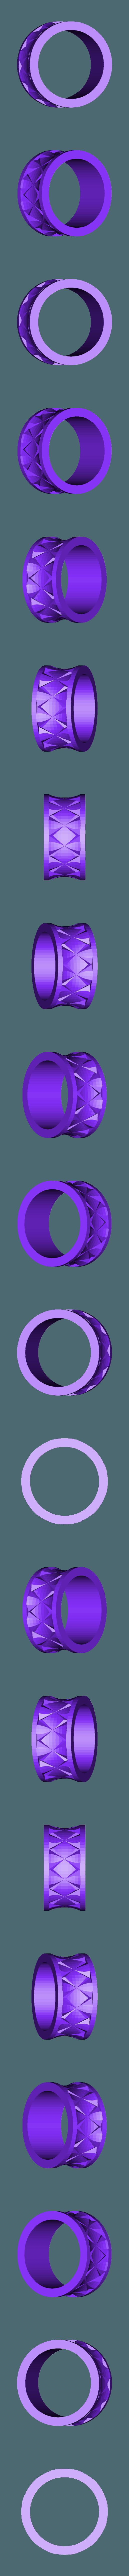 quasiKnurledRing.stl Télécharger fichier SCAD gratuit Bague Quasi moletée • Plan pour imprimante 3D, Wachet